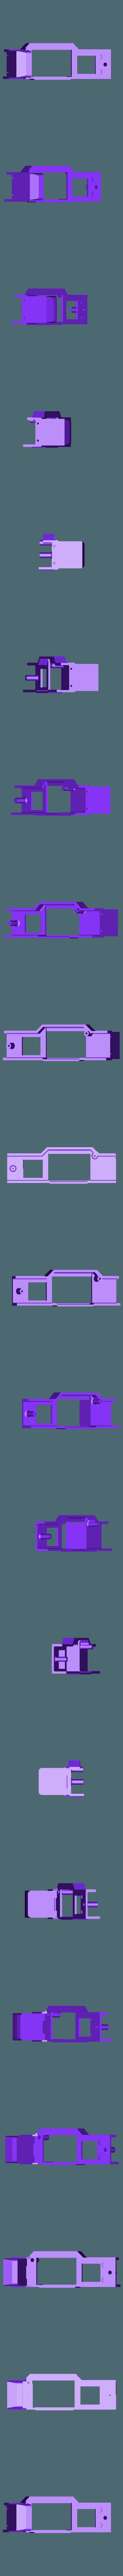 front_base_no_flashlight.stl Télécharger fichier STL gratuit EPIC 6 stage coilgun • Objet pour impression 3D, Gyro